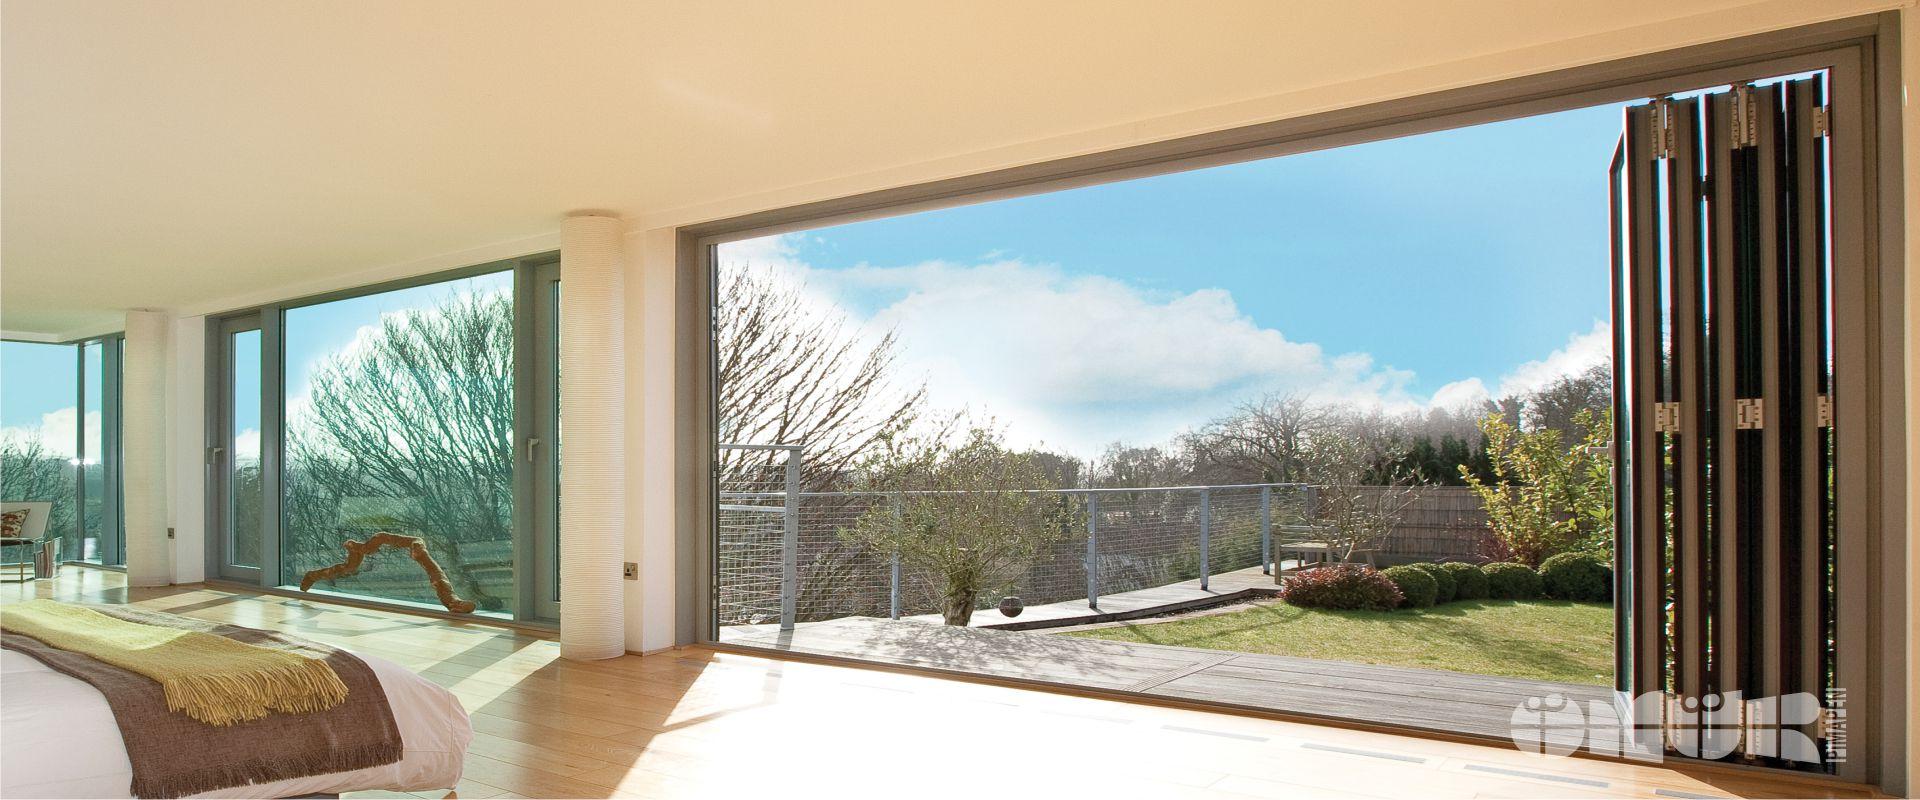 pimapen 3 - Halkalı pencere Sineklik